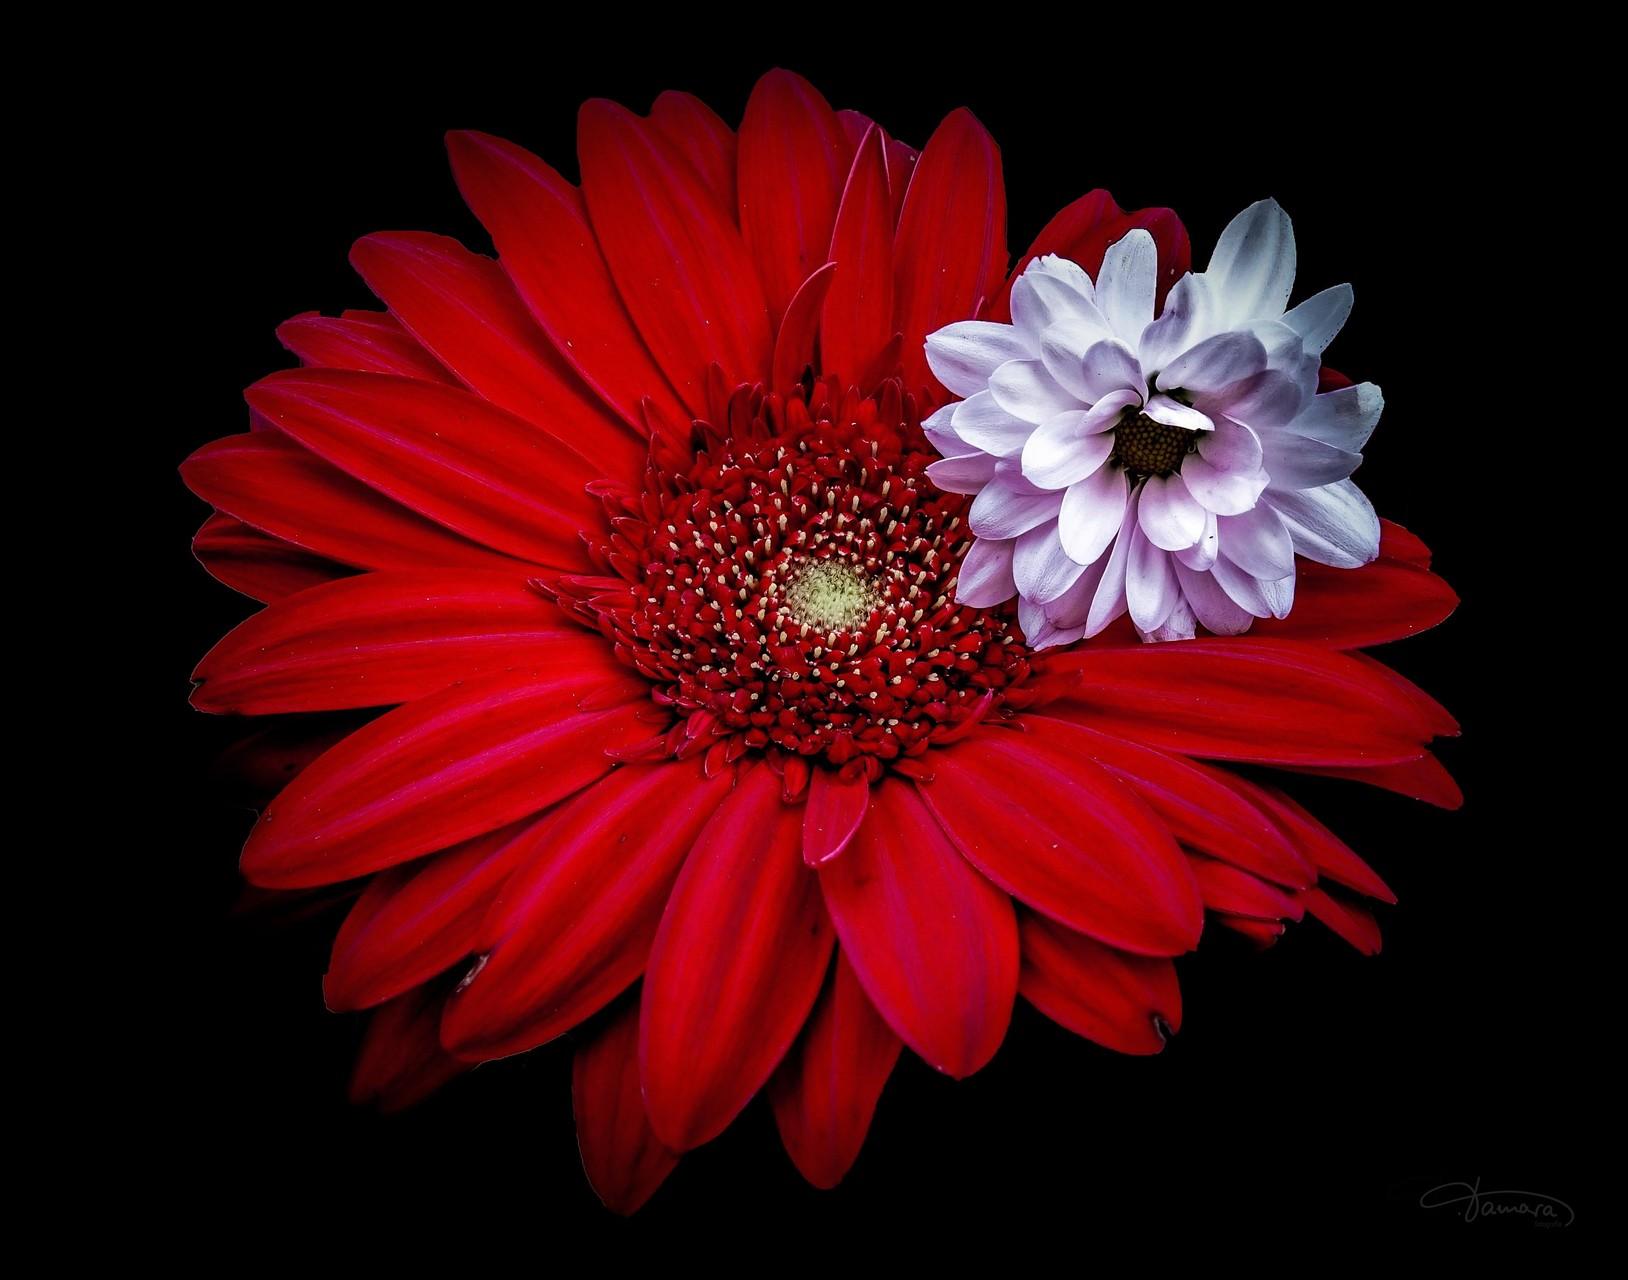 Gedanken an dich sind wie Blumen, genährt vom Wasser der Sehnsucht, wachsend im Licht der Liebe. ❤️